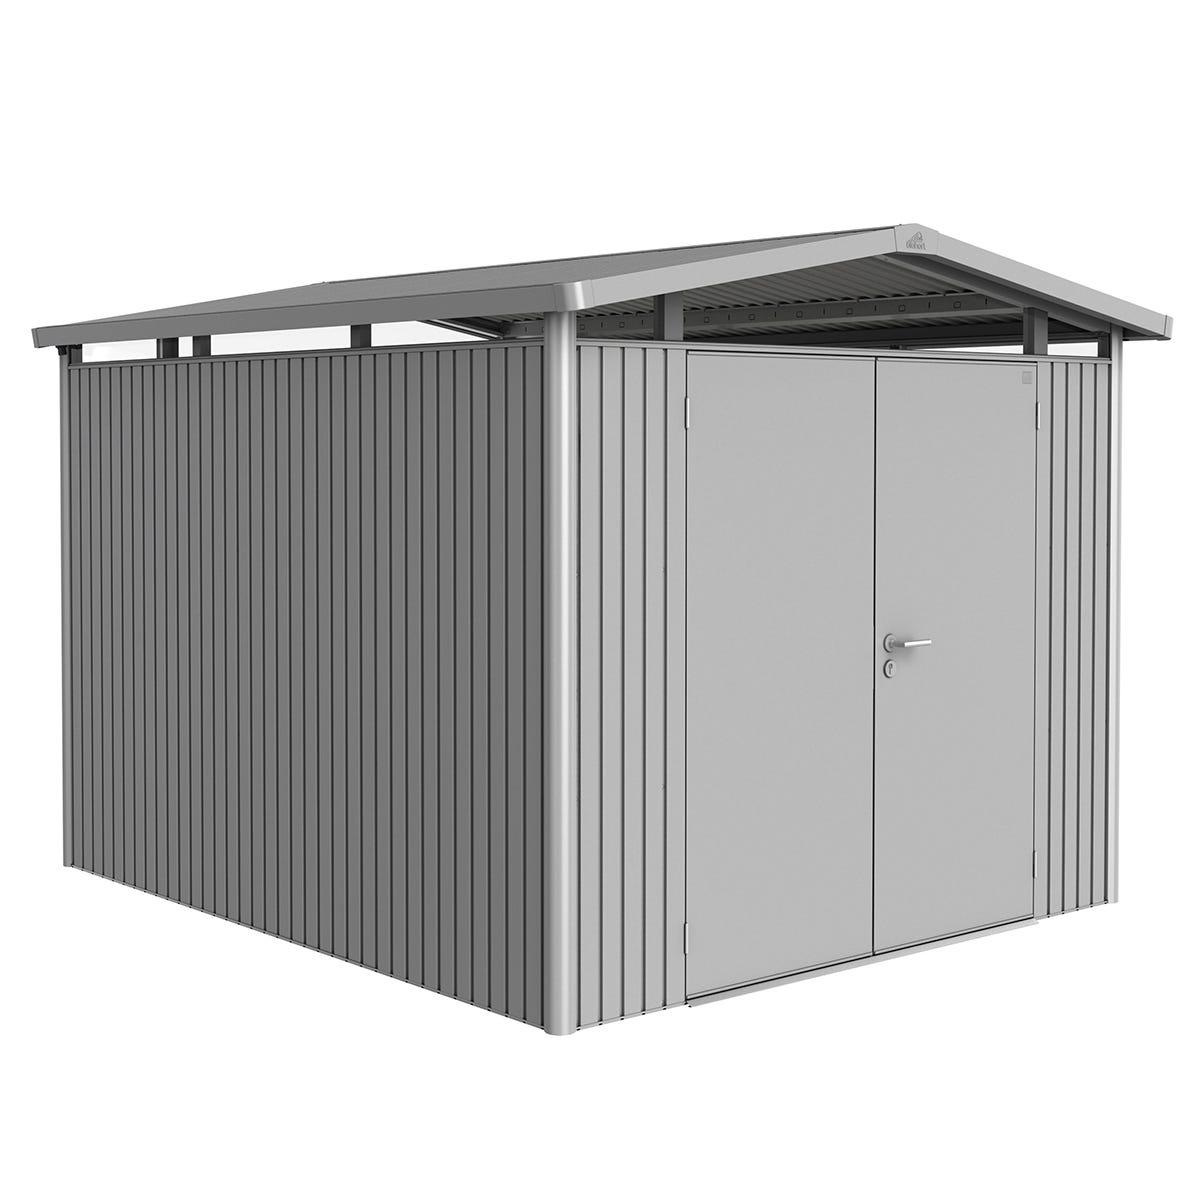 Biohort Panorama Metal Shed P5 Double Door 9' x 10' - Metallic Silver